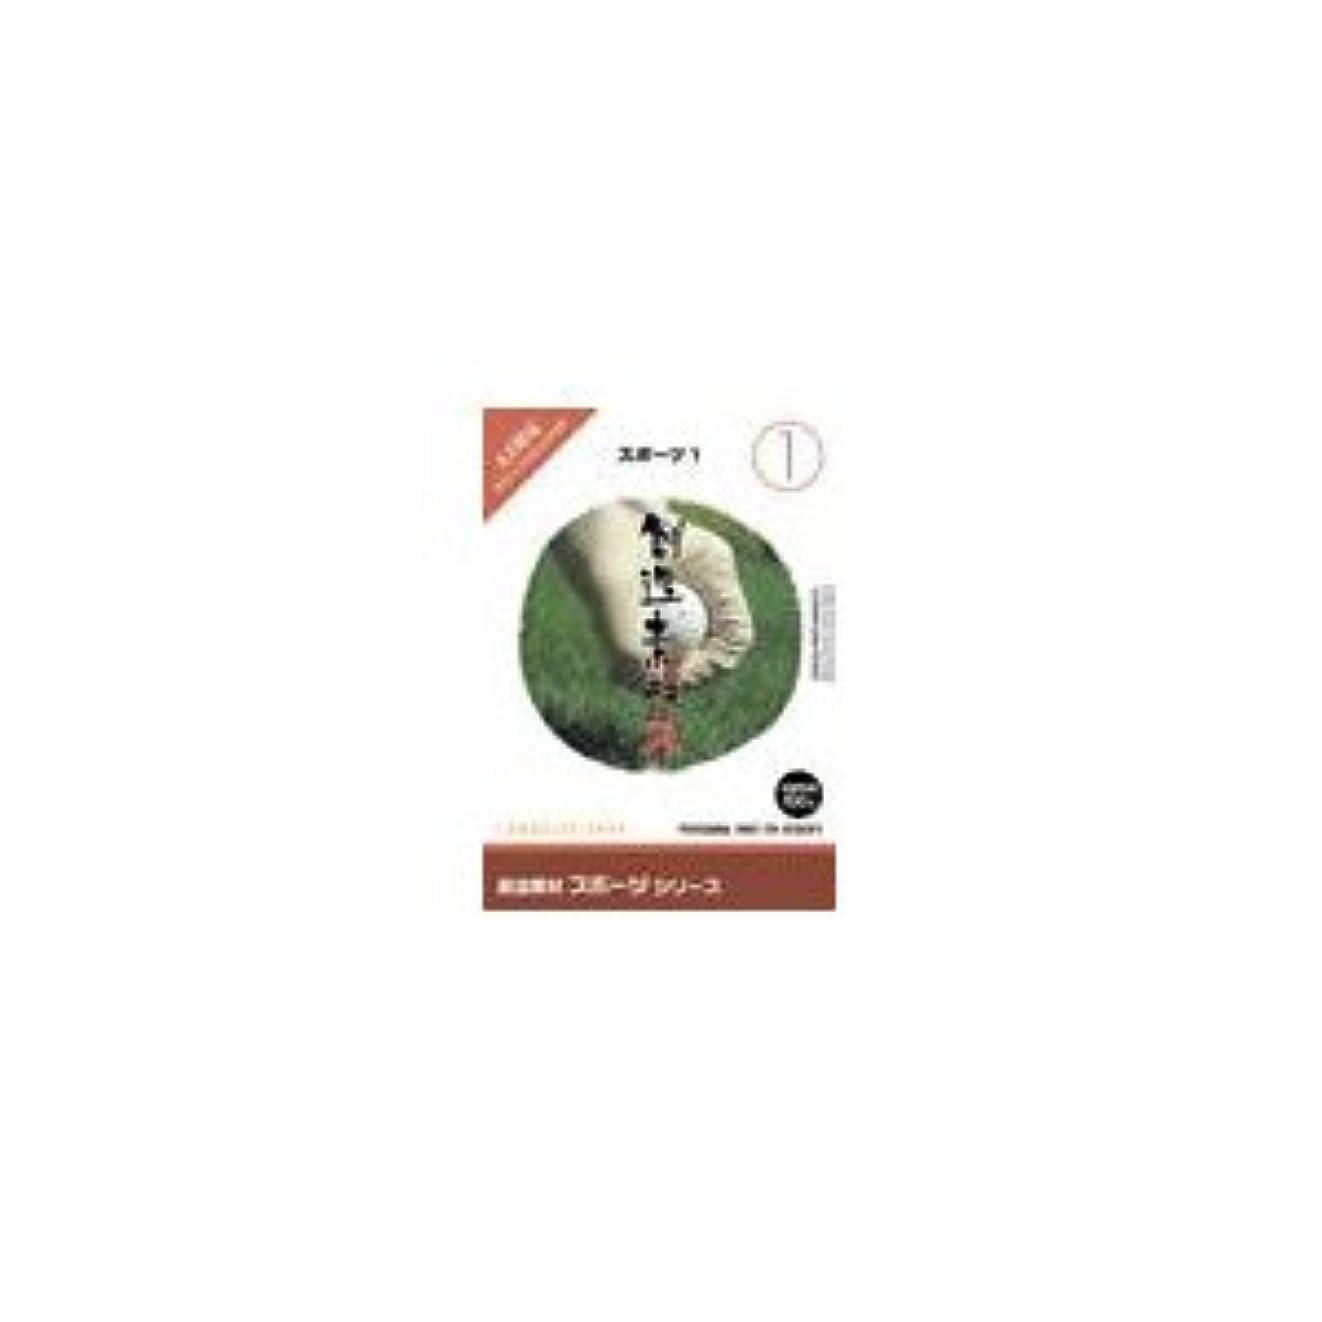 破産狼機動写真素材 創造素材 スポーツシリーズ (1) スポーツ1 ds-68249